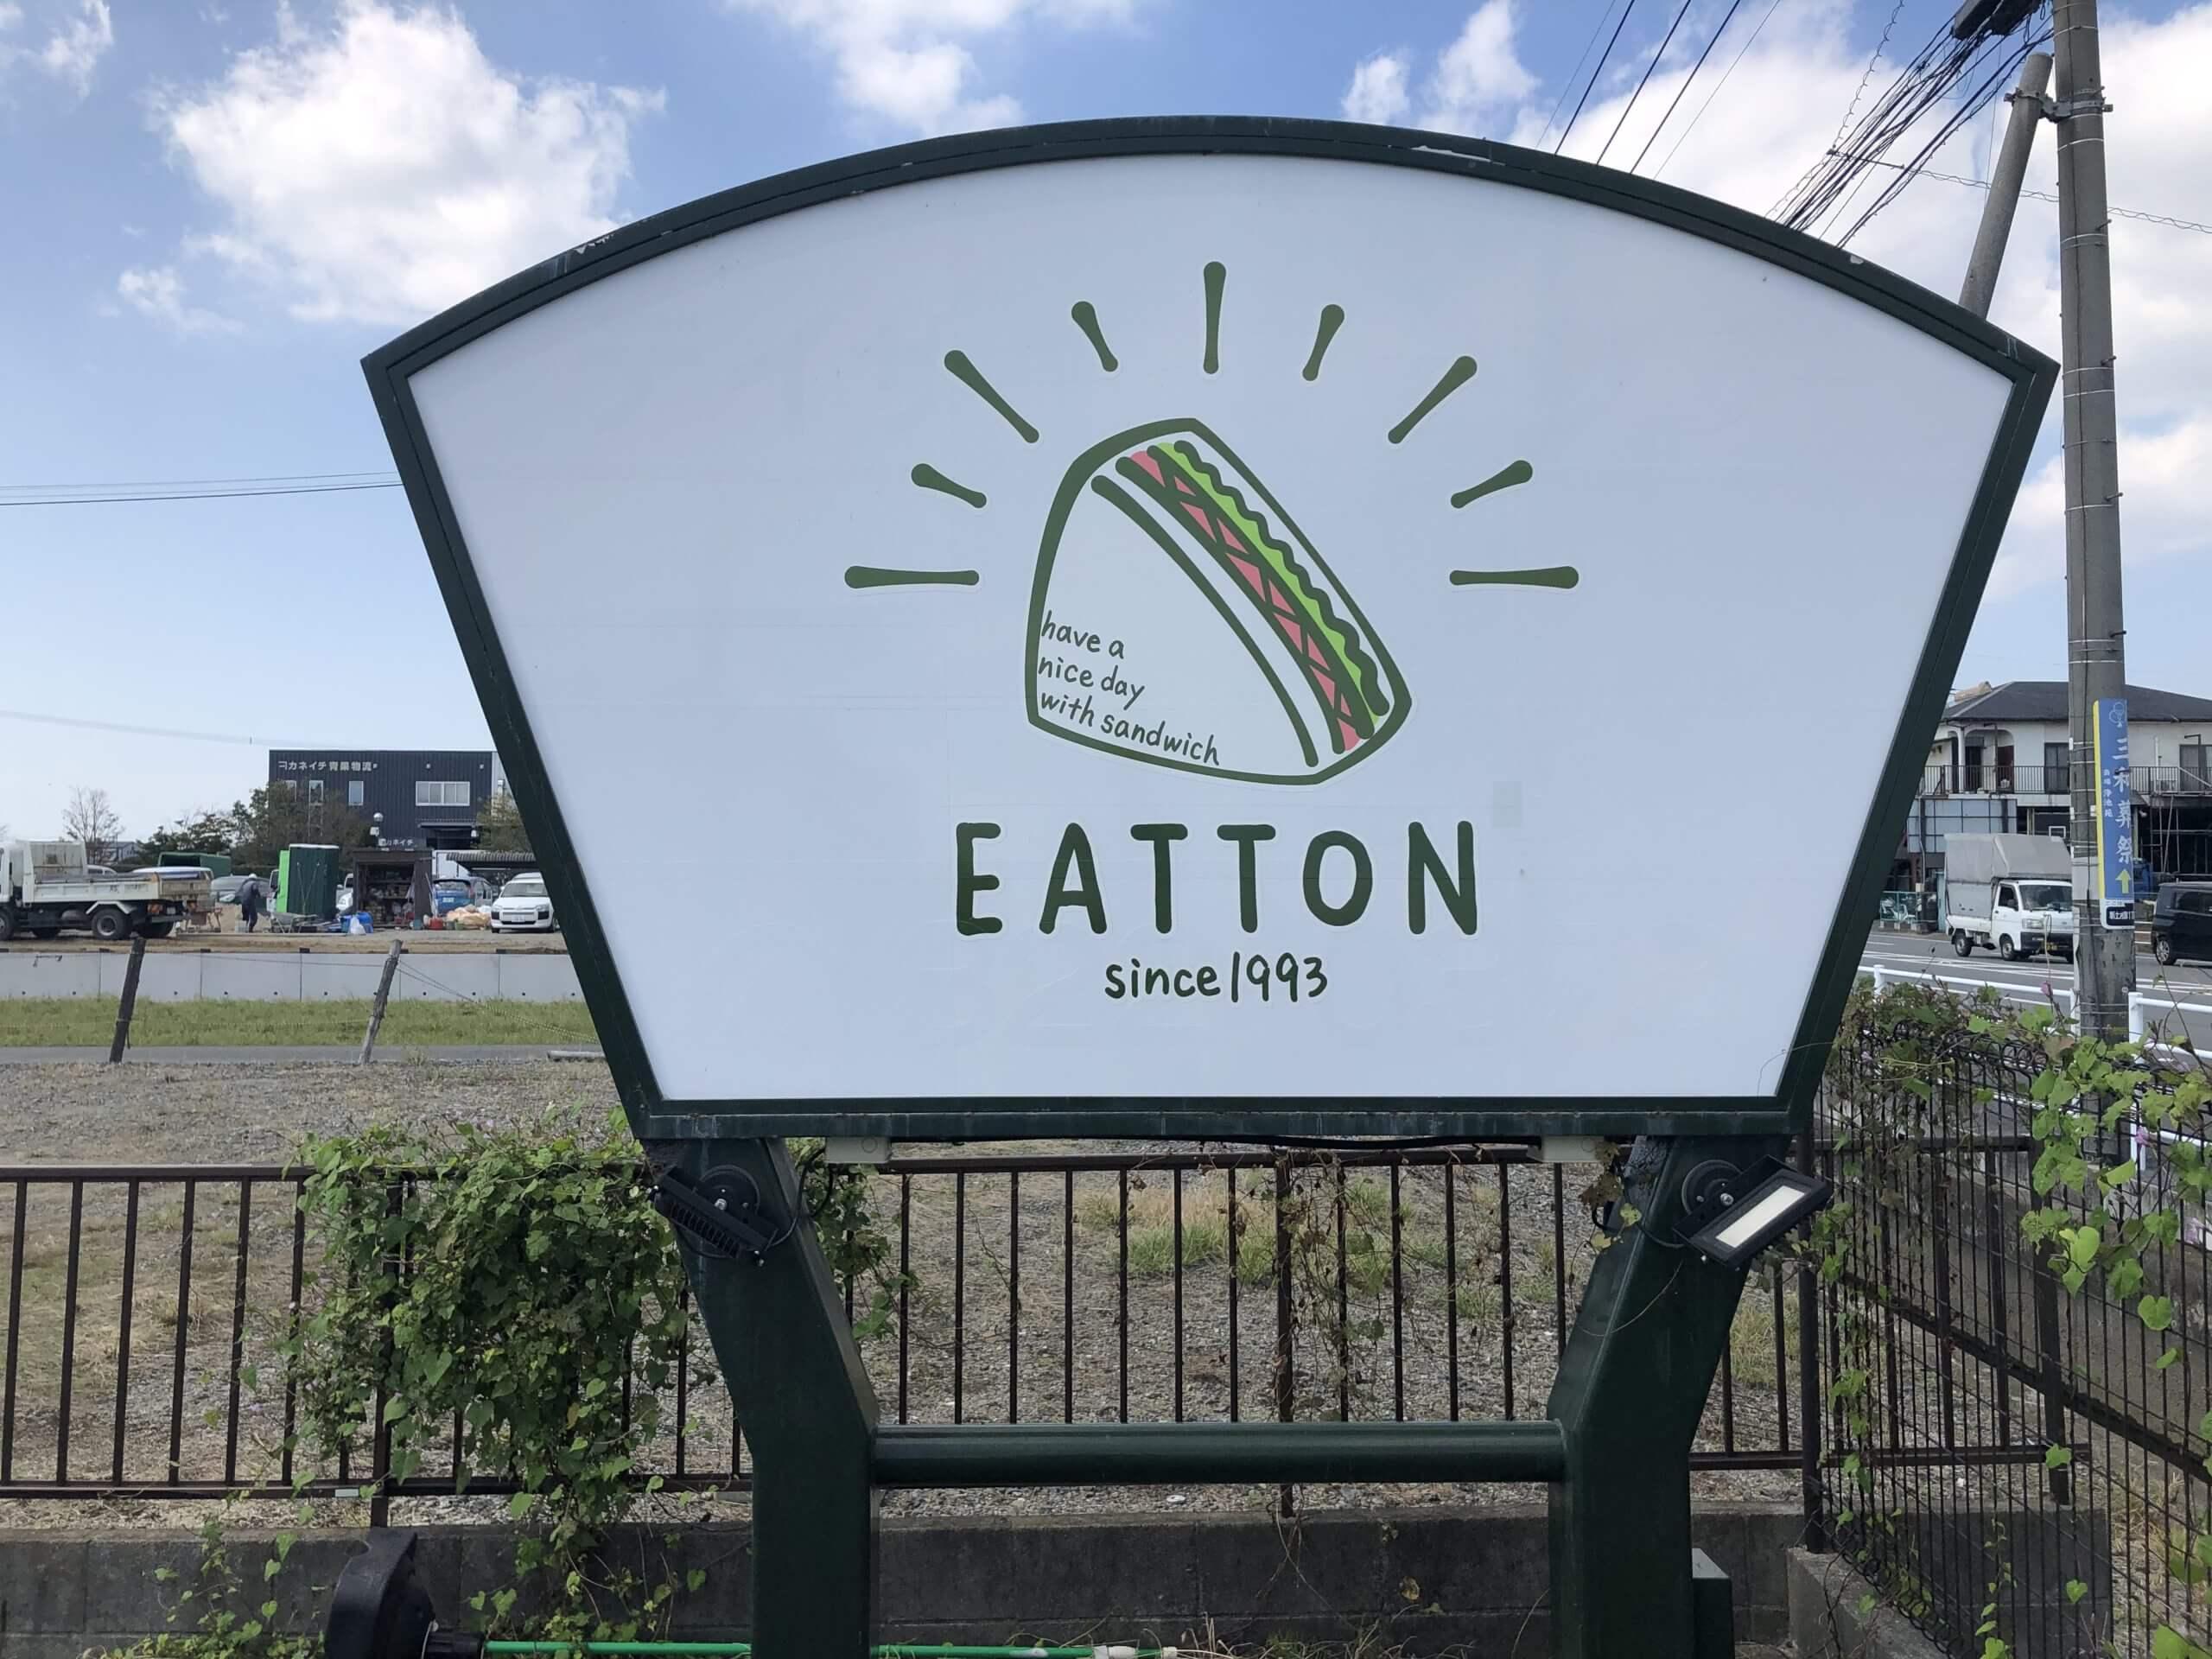 【Eatton-イートン-】お腹と心を満たすバラエティ豊かなサンドウィッチ専門店《熊本市西区新土河原》